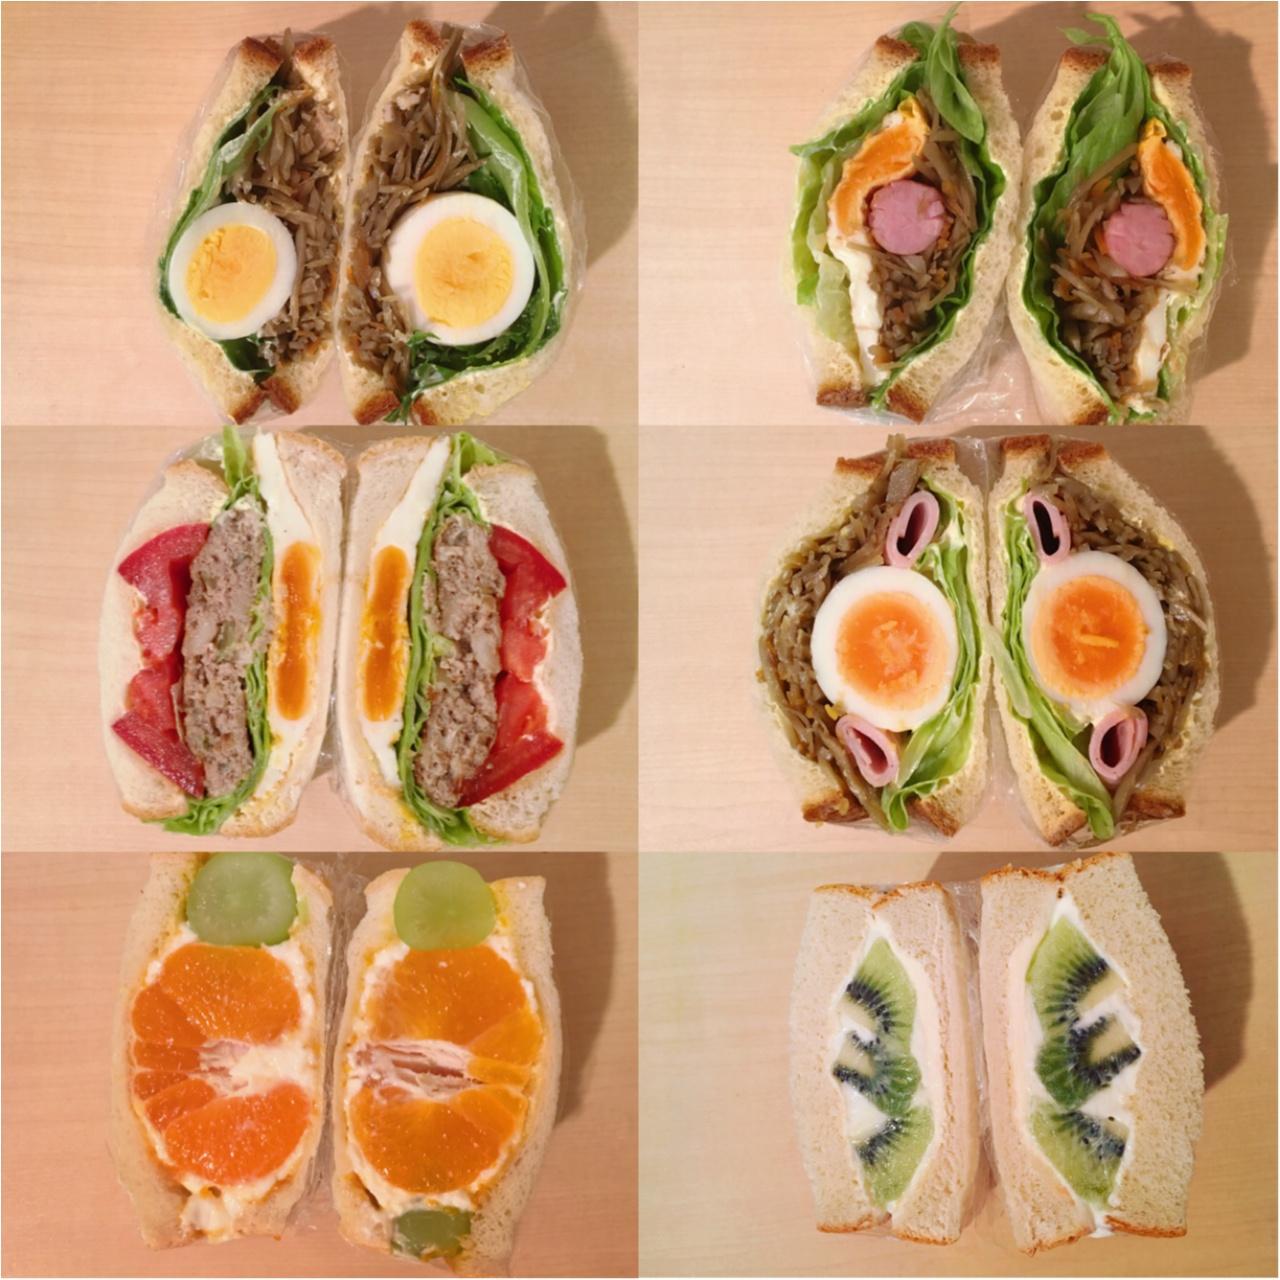 【料理▶はる断サンド☺】#萌え断シリーズ第2弾★朝から栄養満点♪オススメ朝ごパン_1